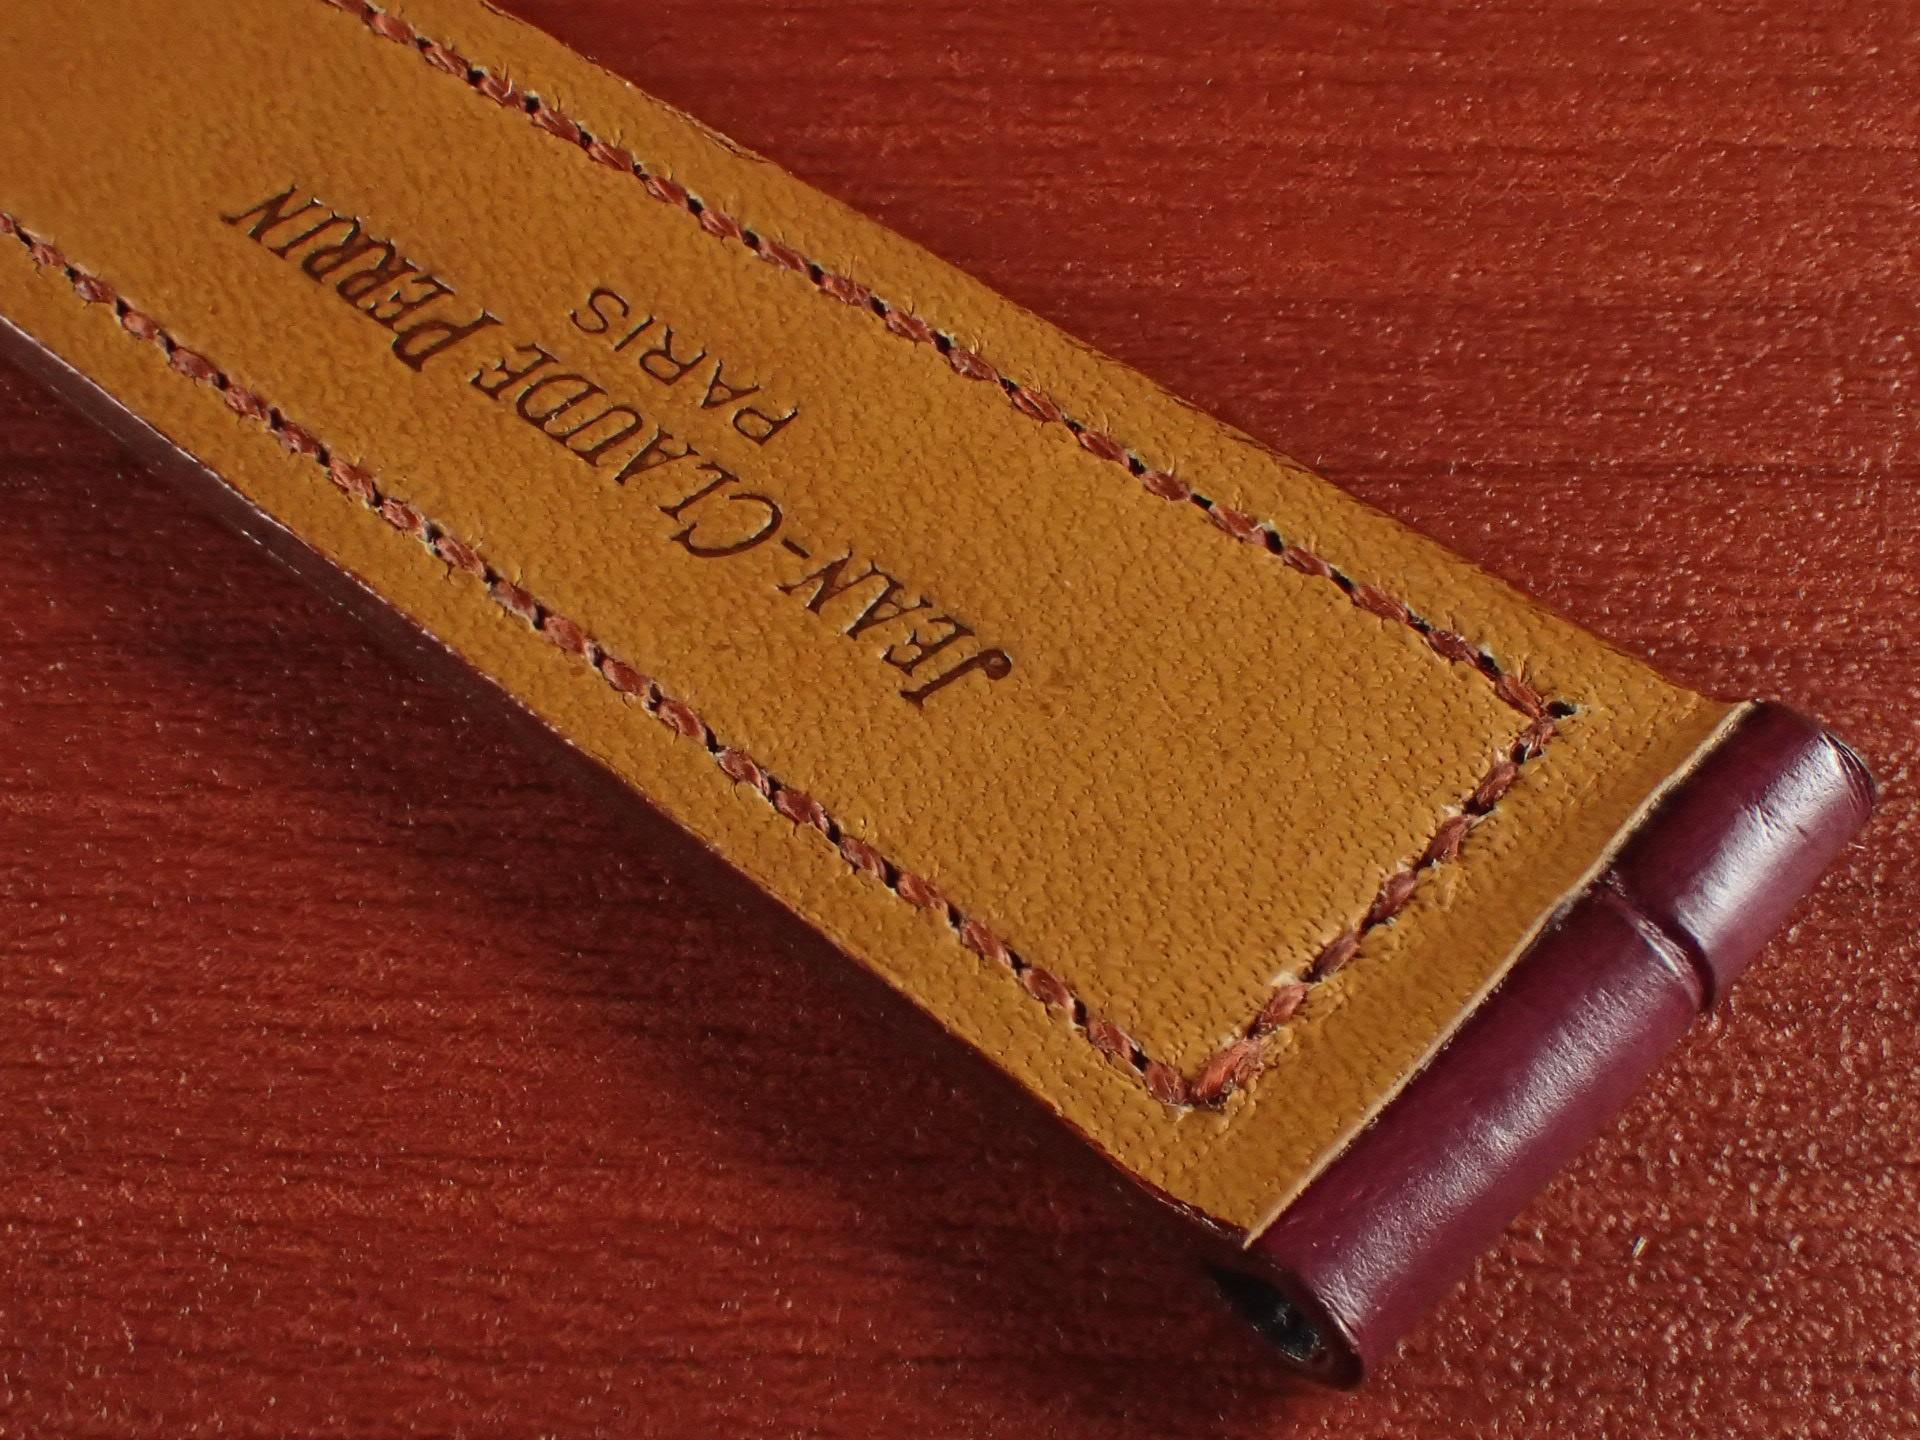 ジャン・クロード ペラン革ベルト クロコダイル ボルドー 18mmの写真6枚目